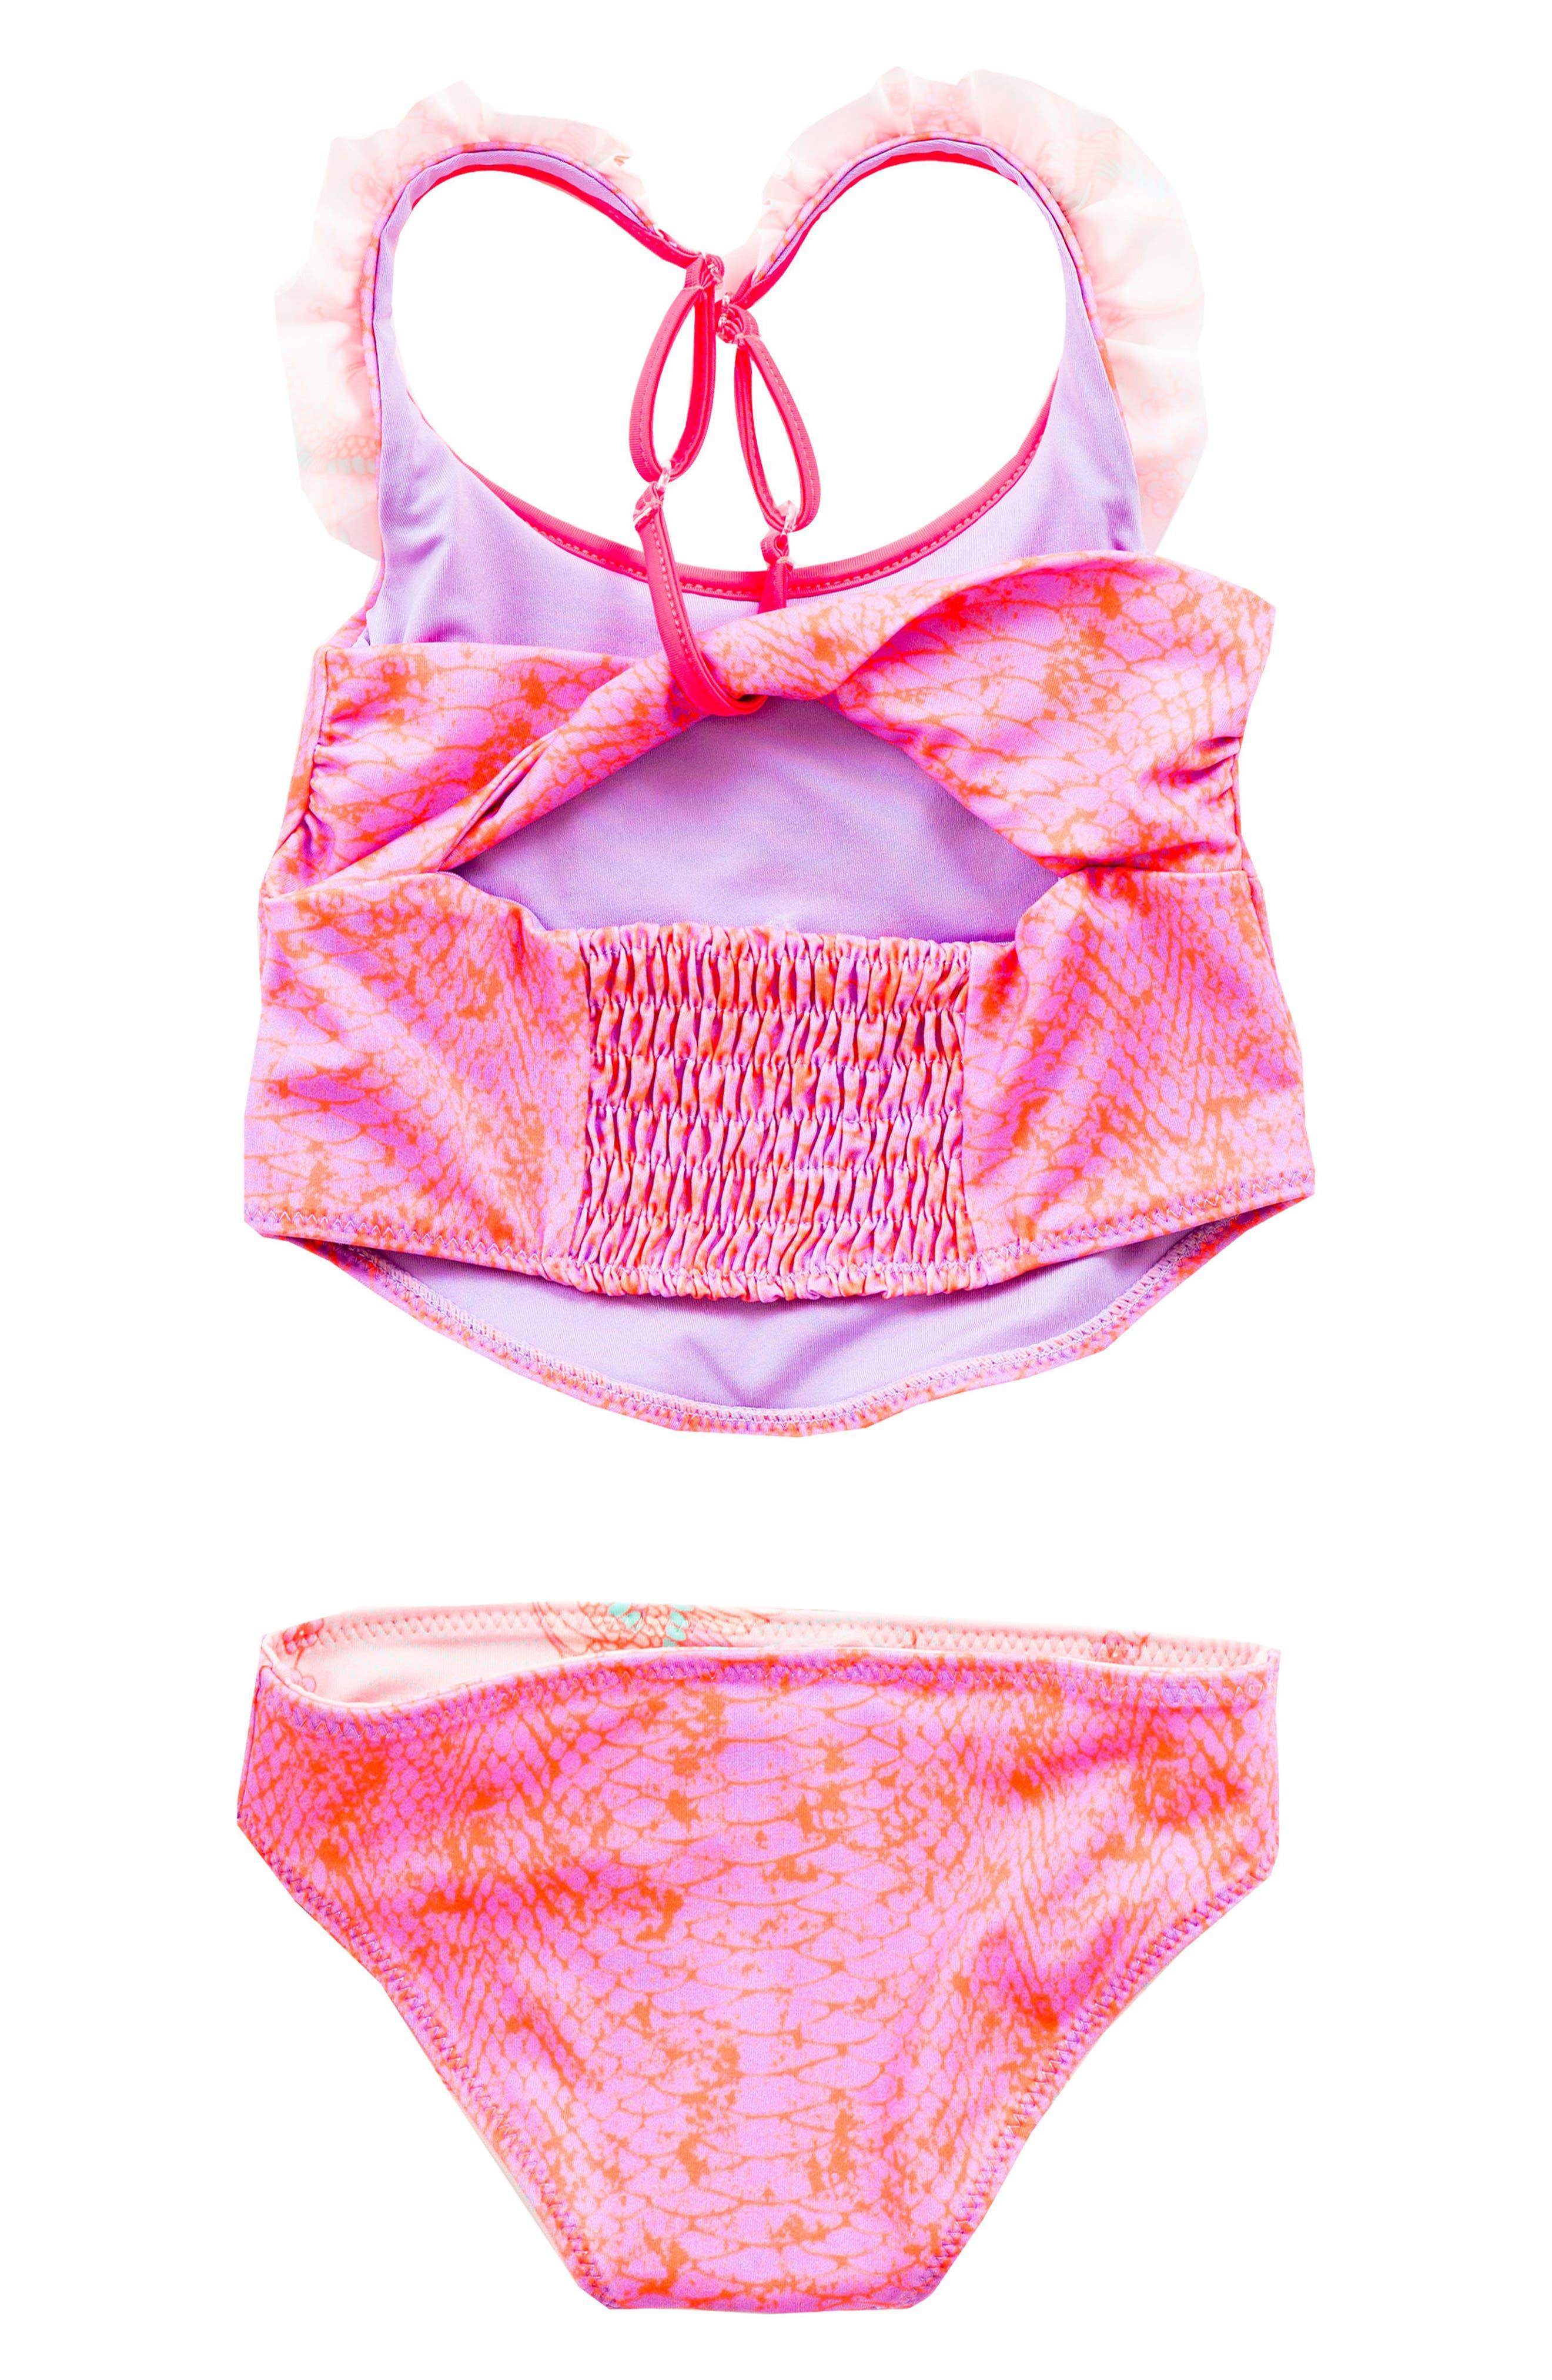 Dream Catcher Two-Piece Swimsuit,                             Alternate thumbnail 2, color,                             650